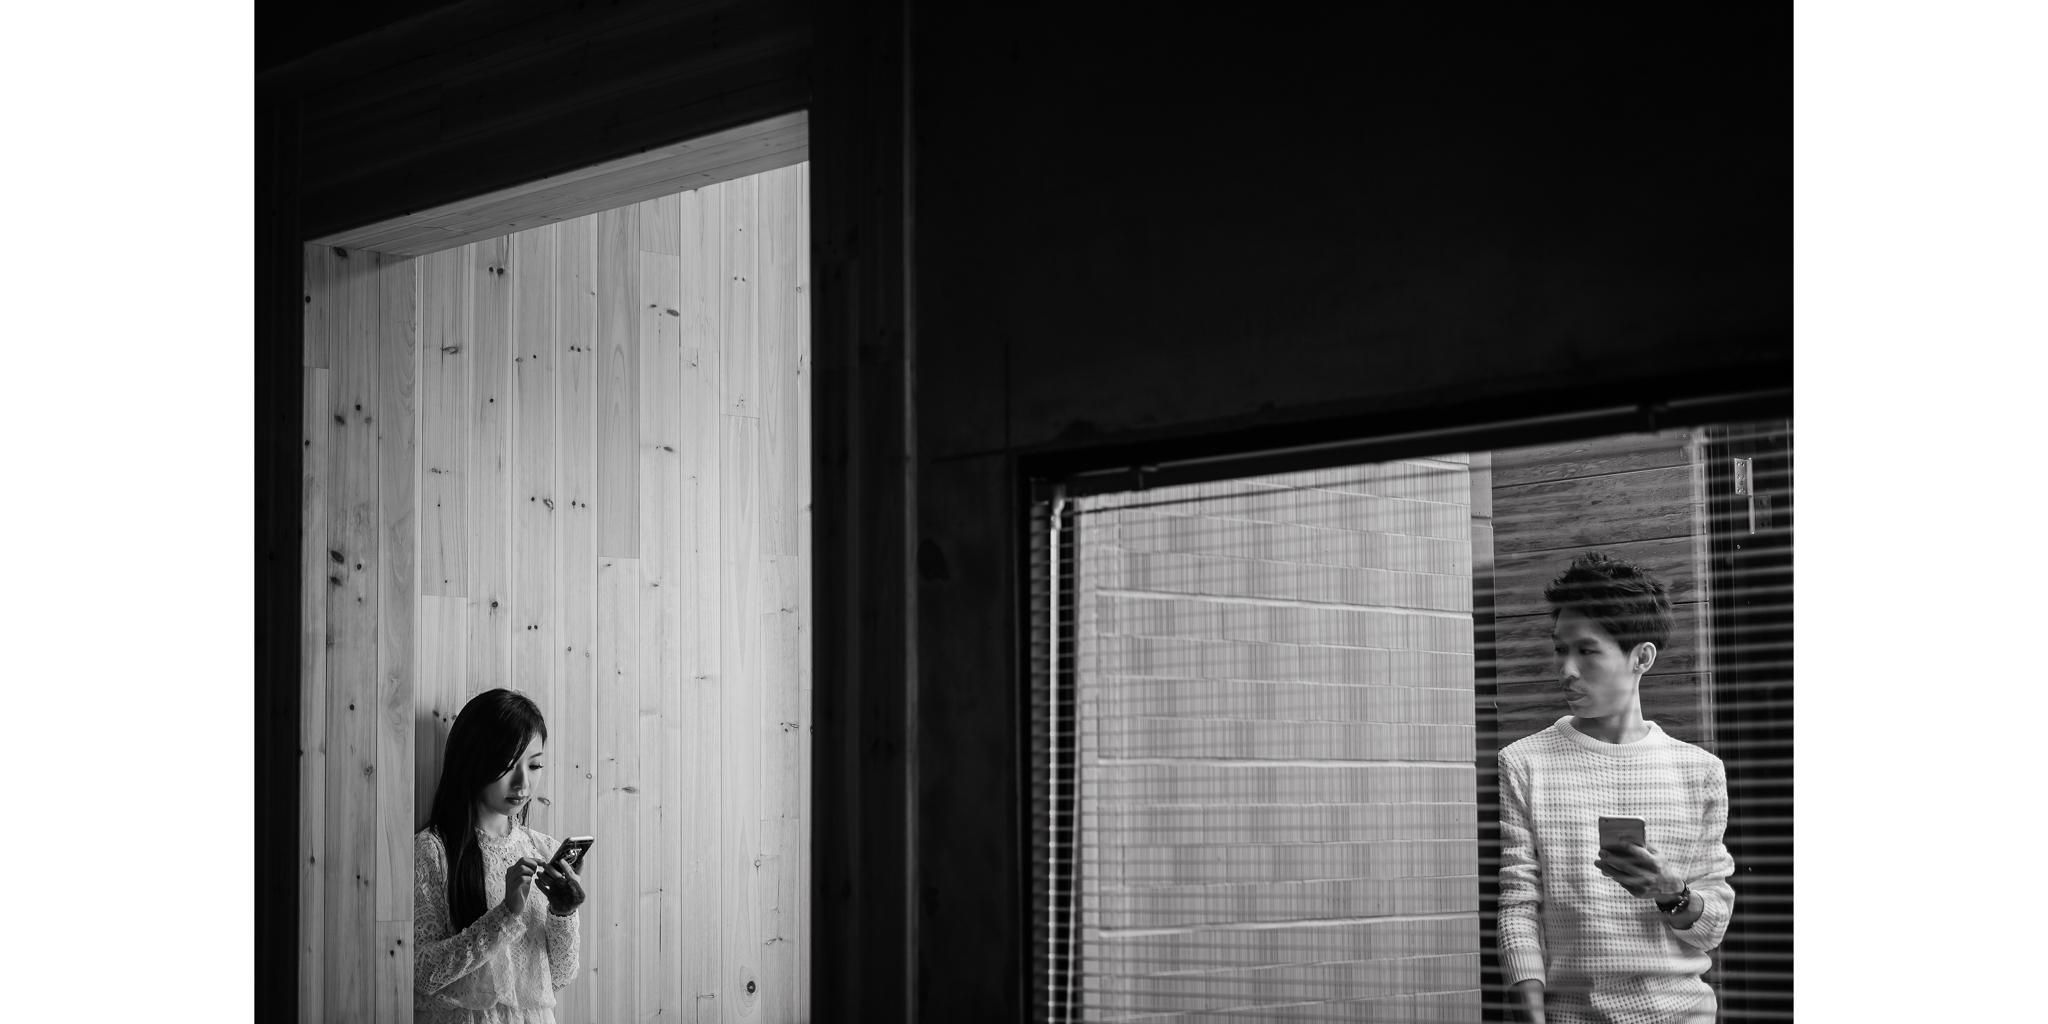 獨立婚紗影像 Tina & 張裕   獨立攝影師 Anderson Chien   獨立婚紗   自助婚紗   婚禮紀實   平面攝影   婚禮紀錄   海外婚紗   自主婚紗